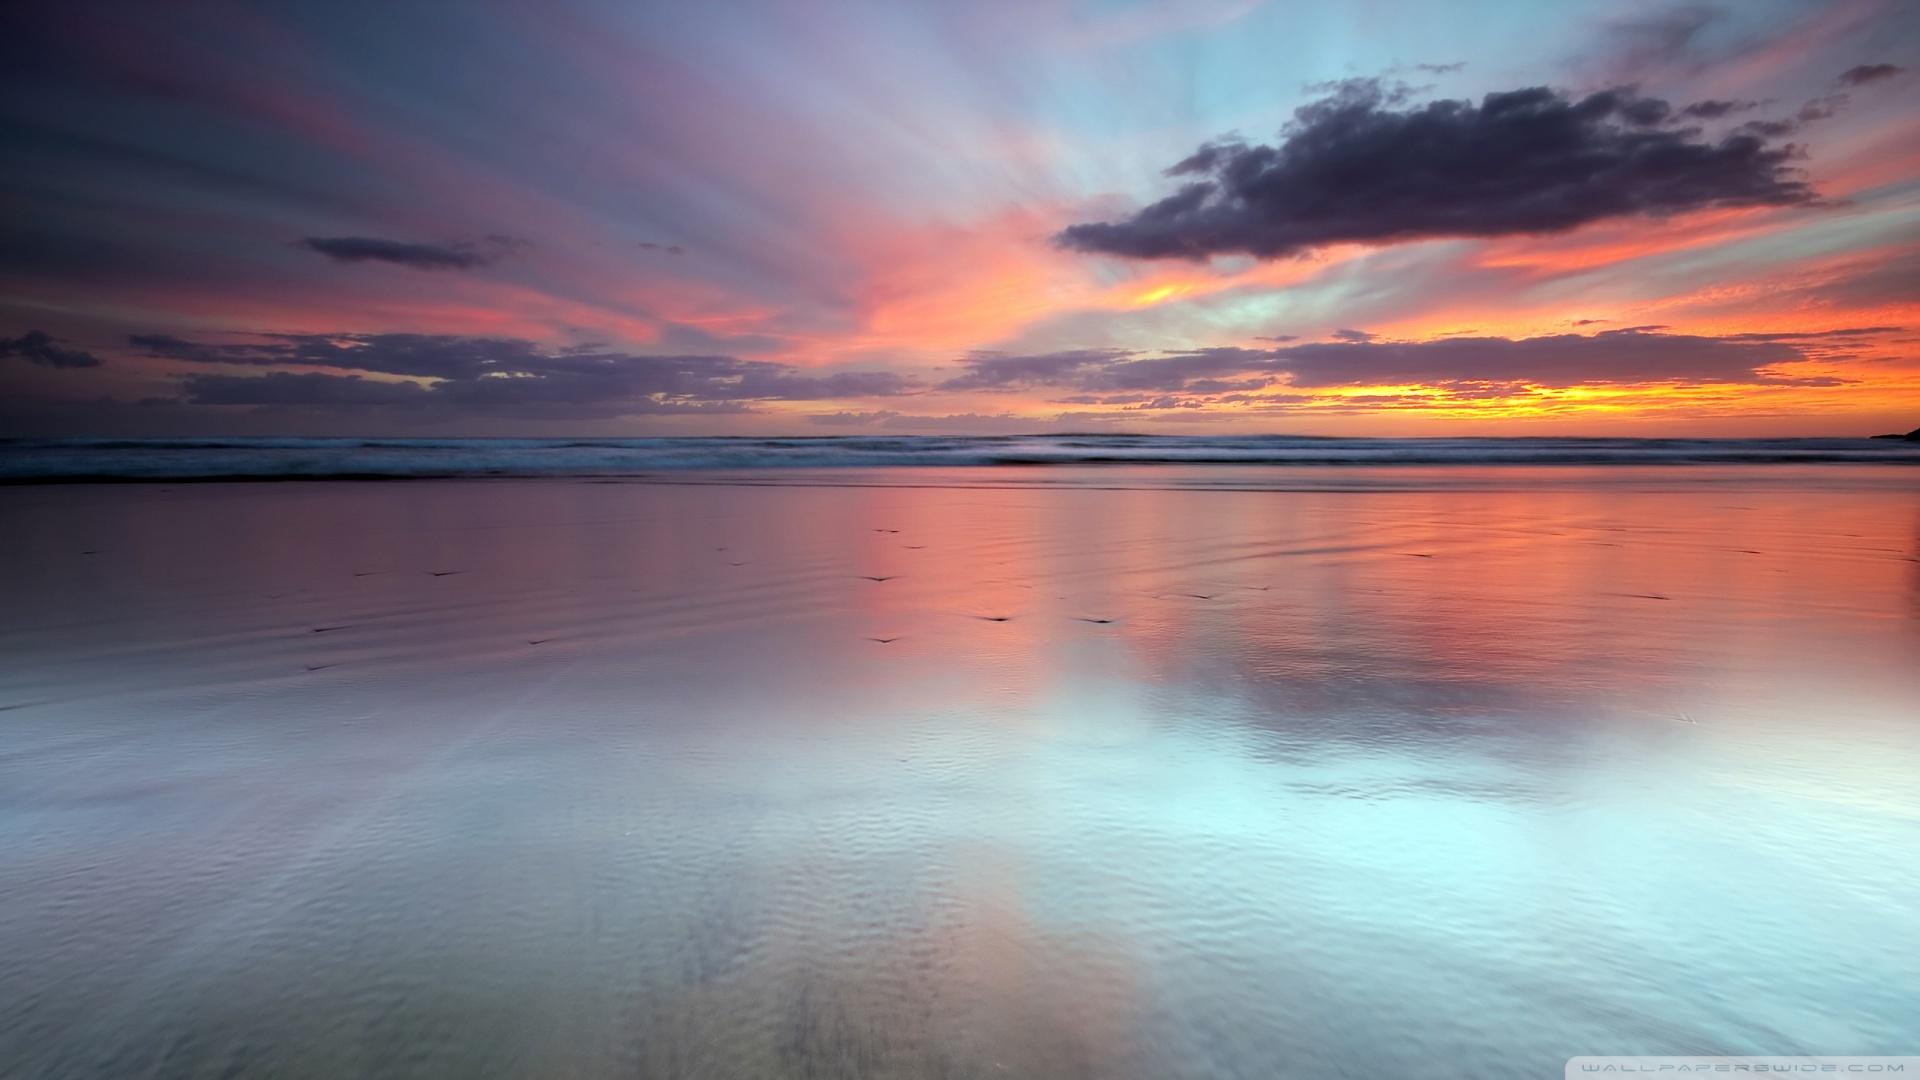 beach scene wallpaper sunset jpg